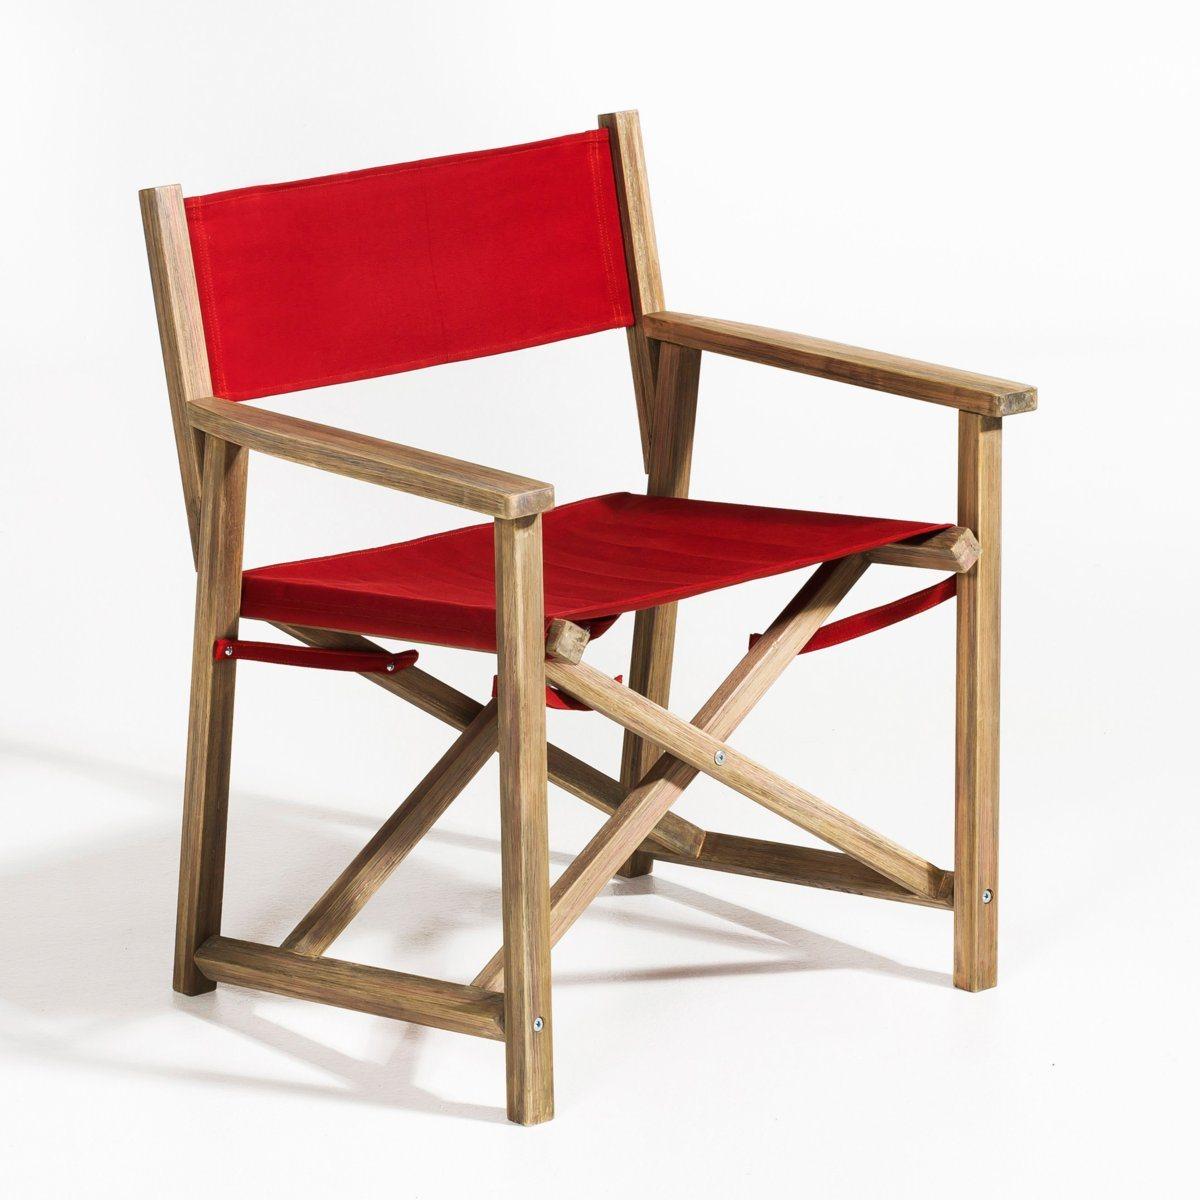 Meuble de jardin mobilier d 39 ext rieur pour le jardin for Le jardin katalog 2015